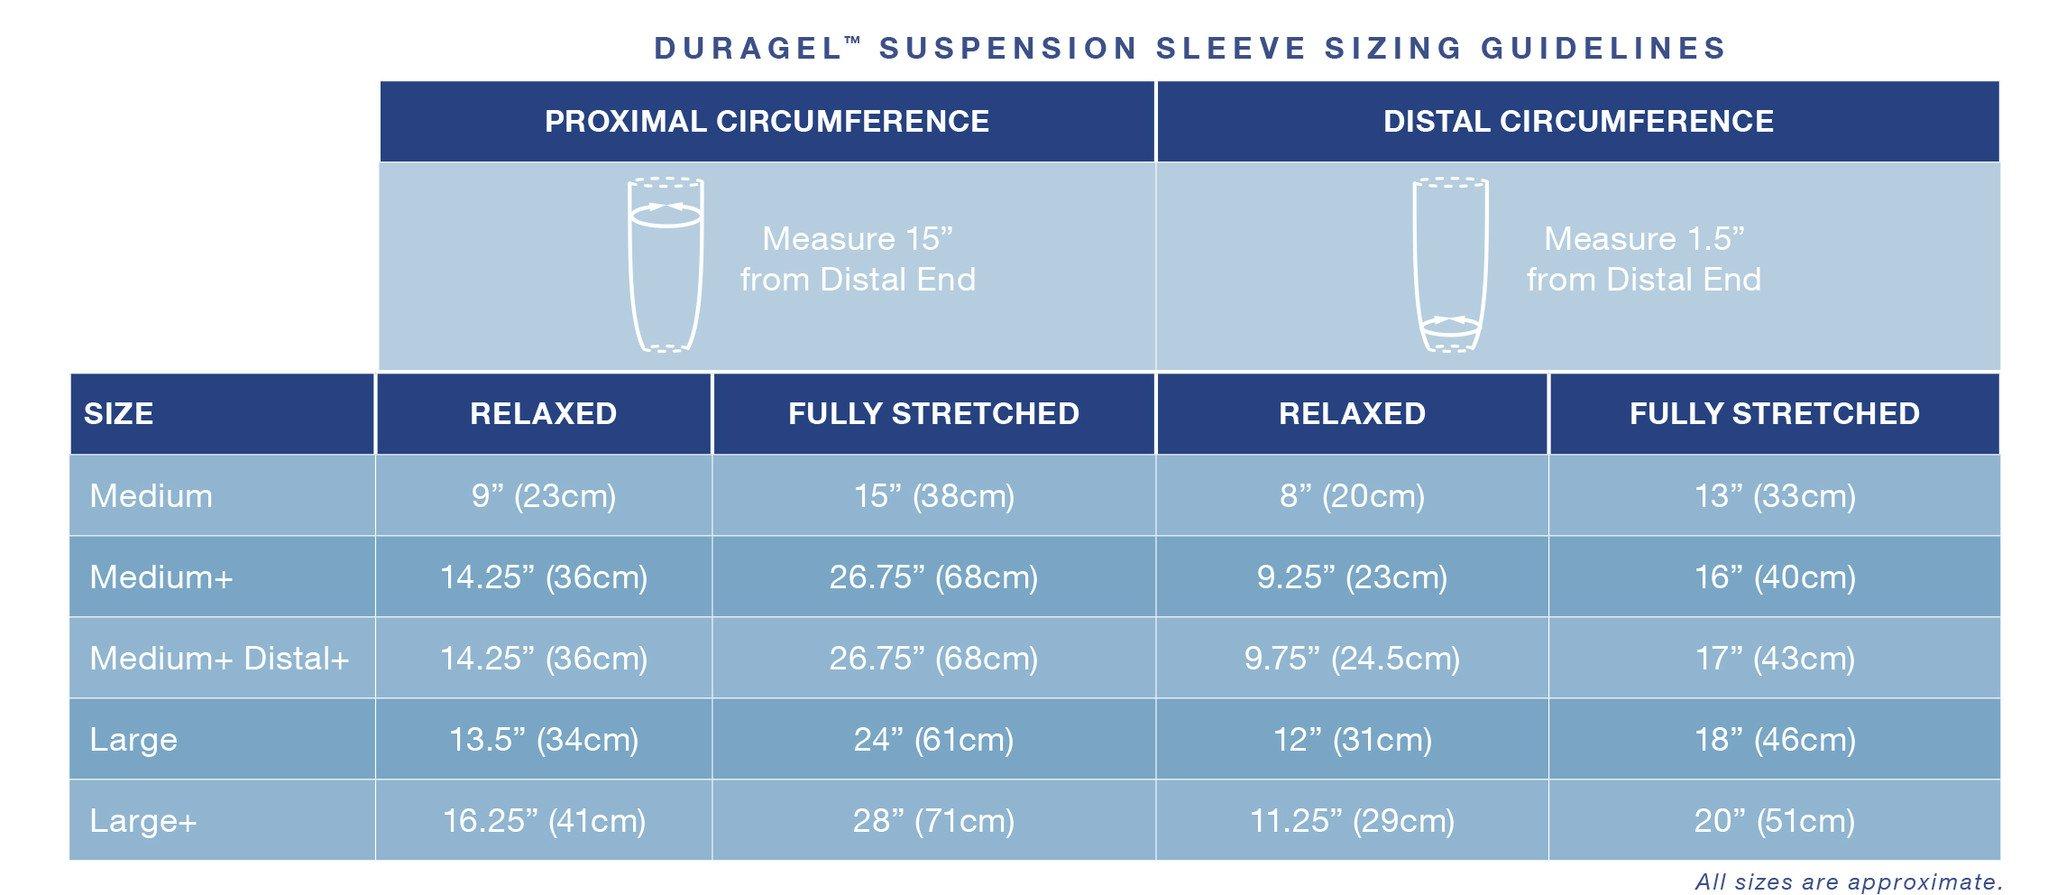 Black Wood 3 mm Gel Silipos DuraGel 18306 Suspension Sleeve